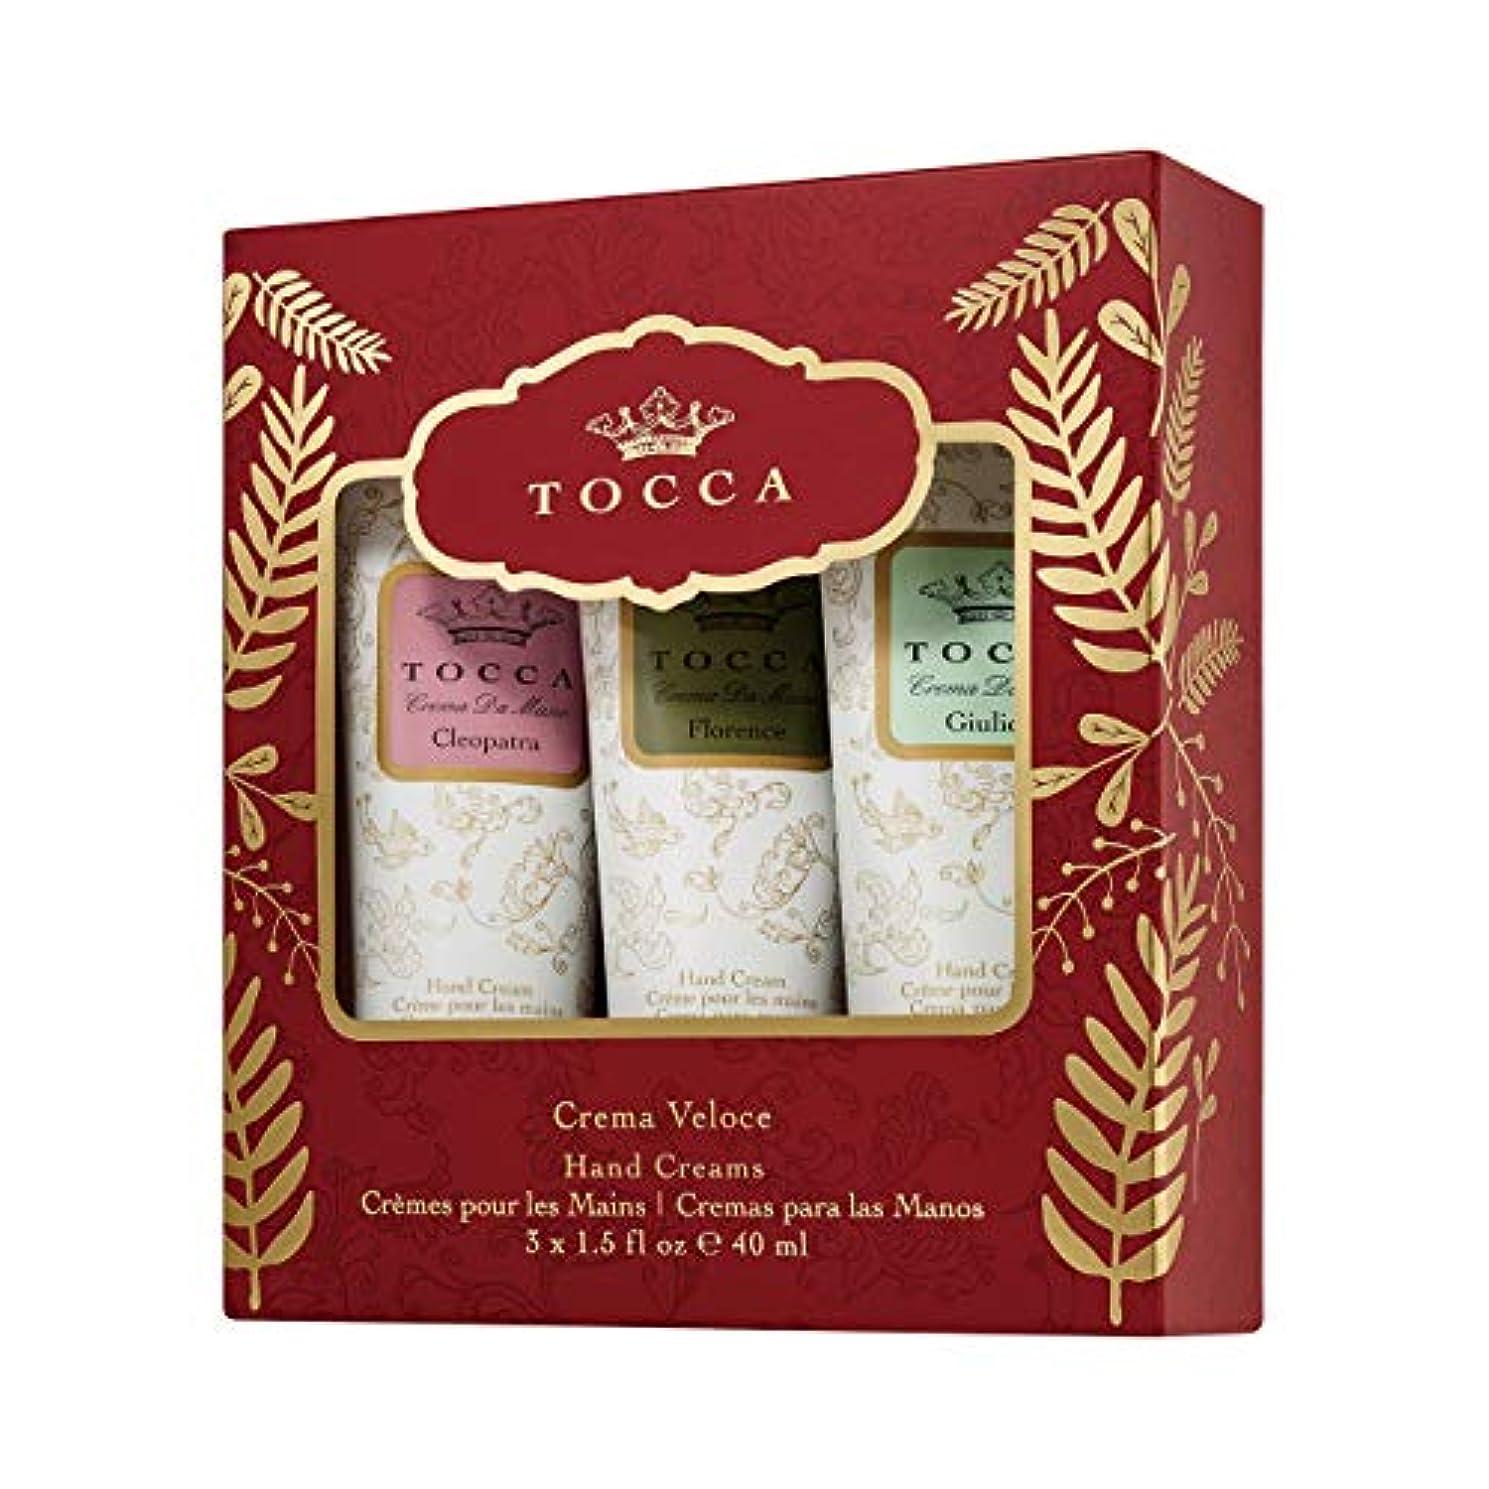 パン釈義下るTOCCA クレマヴェローチェパルマ ハンドクリーム3本入った贅沢な贈り物(手指保湿?小分けギフト)